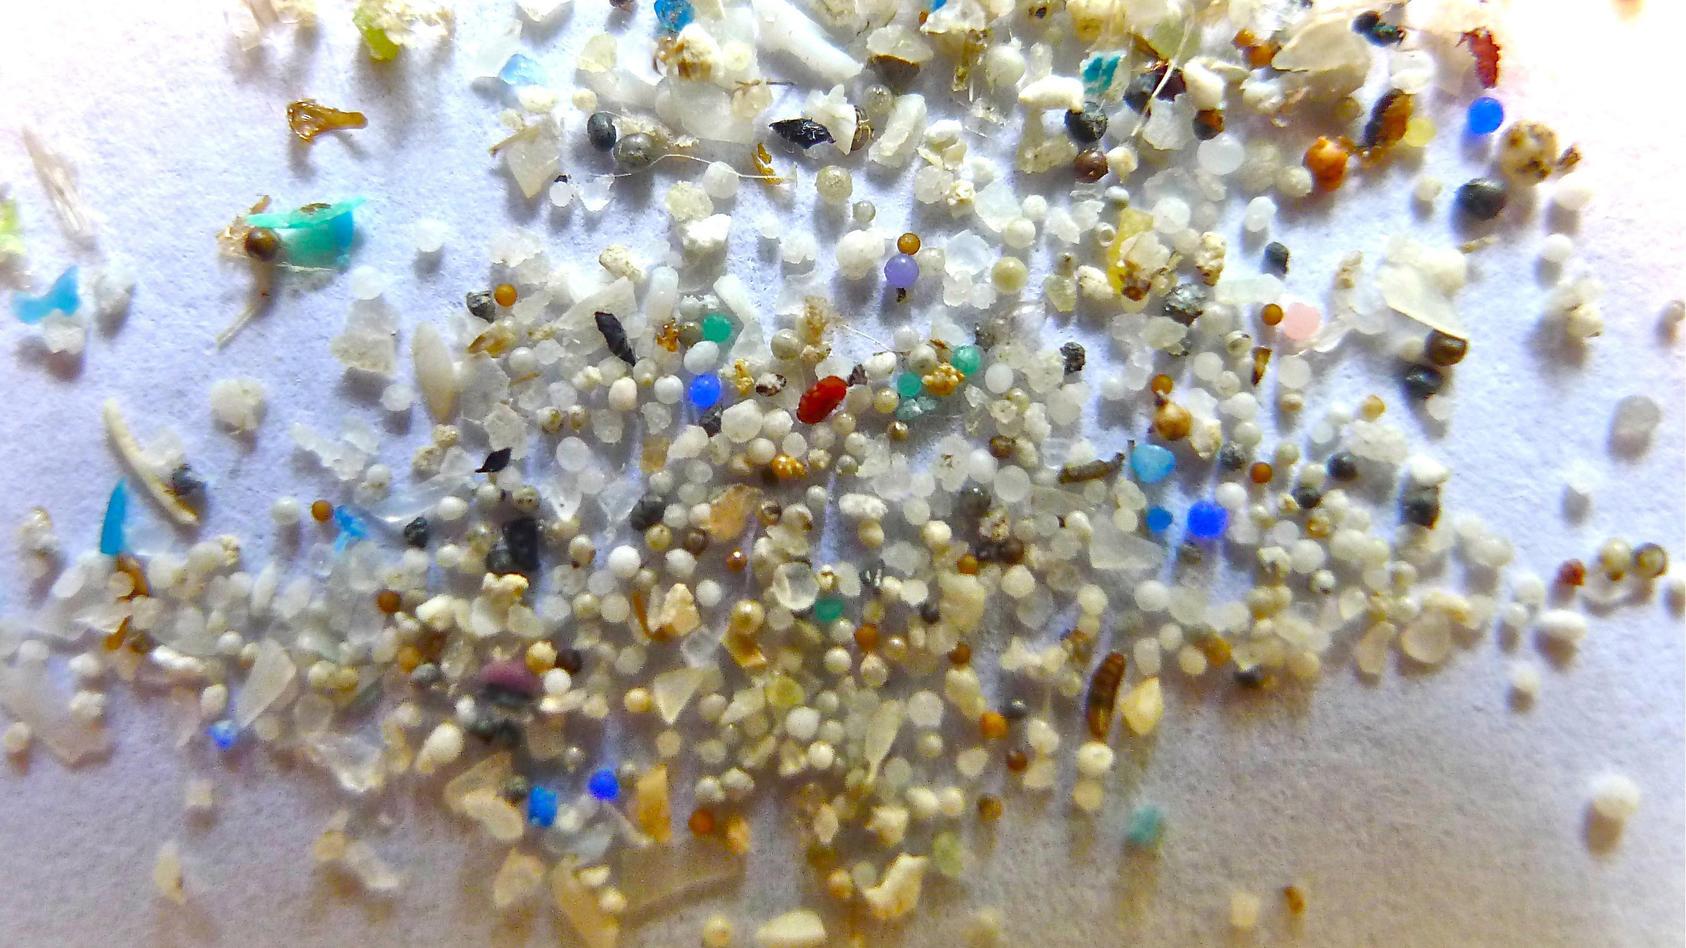 Mikroplastik ist überall drin und es gelangt ungehindert in unseren Körper.